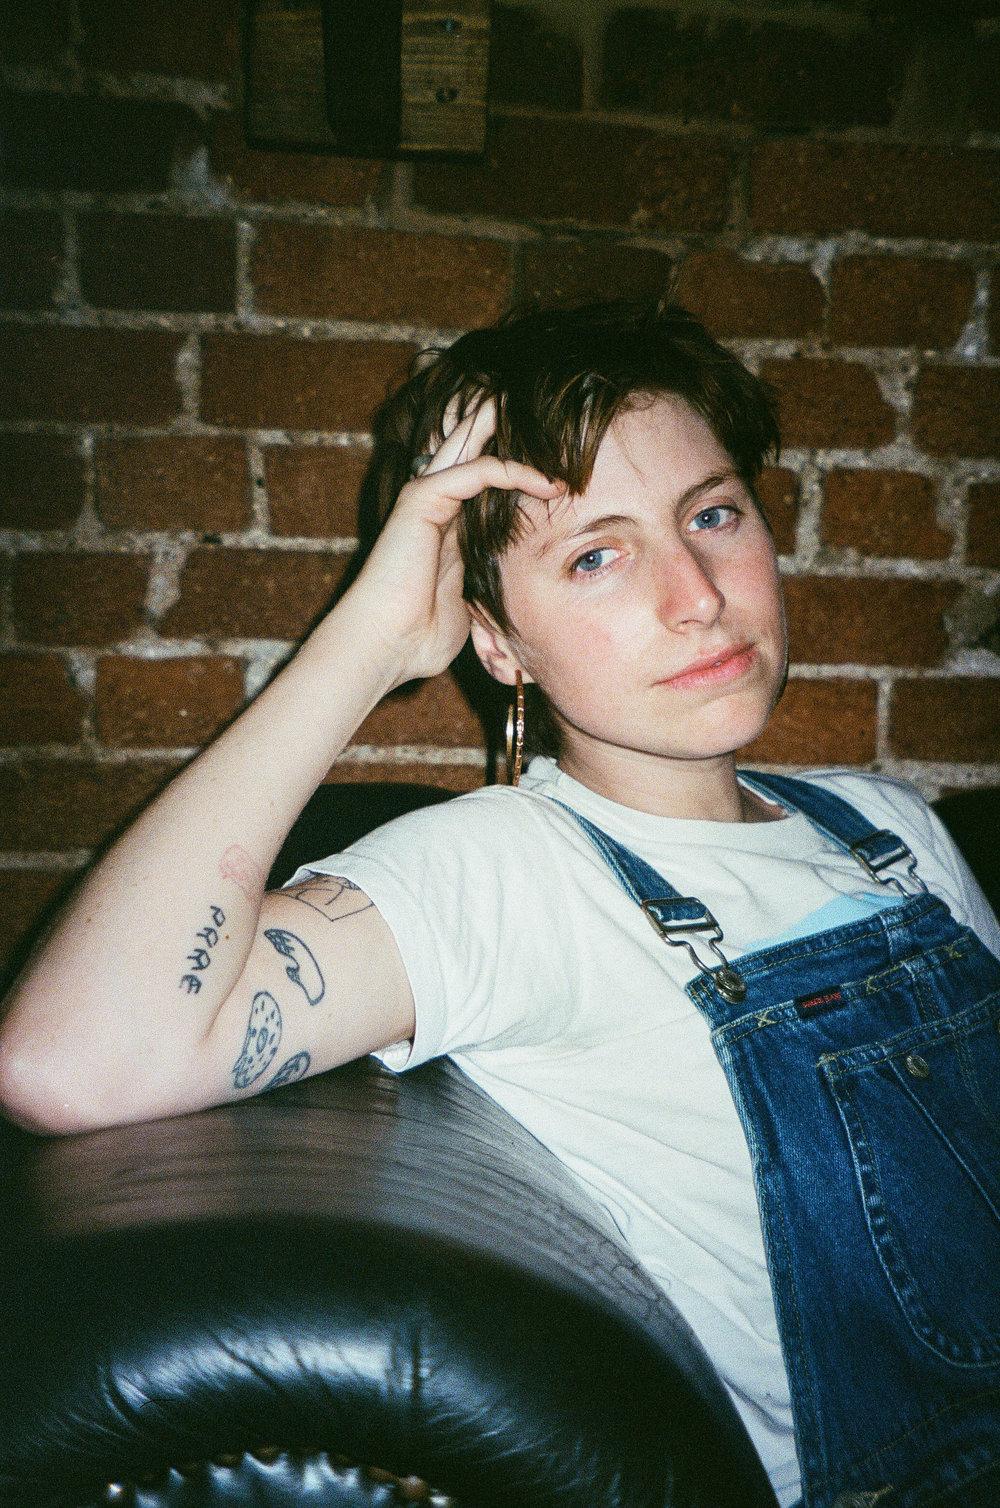 Jillian Medford, IAN SWEET